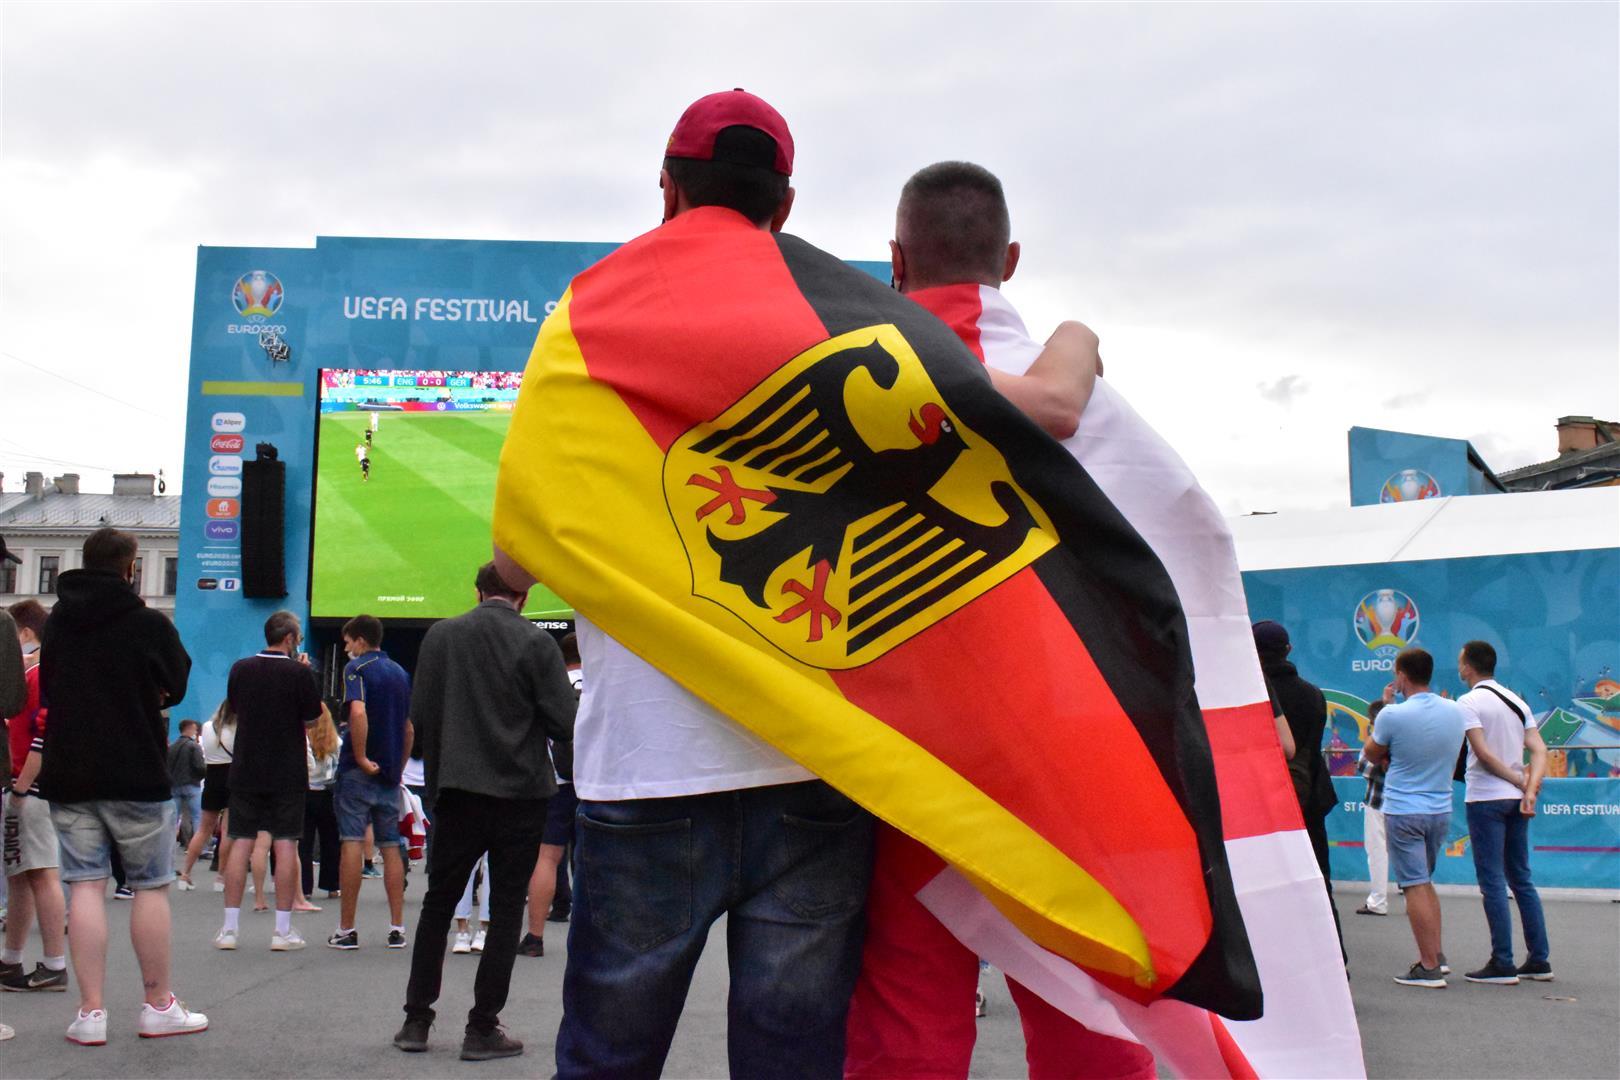 евро-2020. евро 2020. сборная германии. германия. чемпионат европы по футболу. англия. швеция. сборная украины. украина.